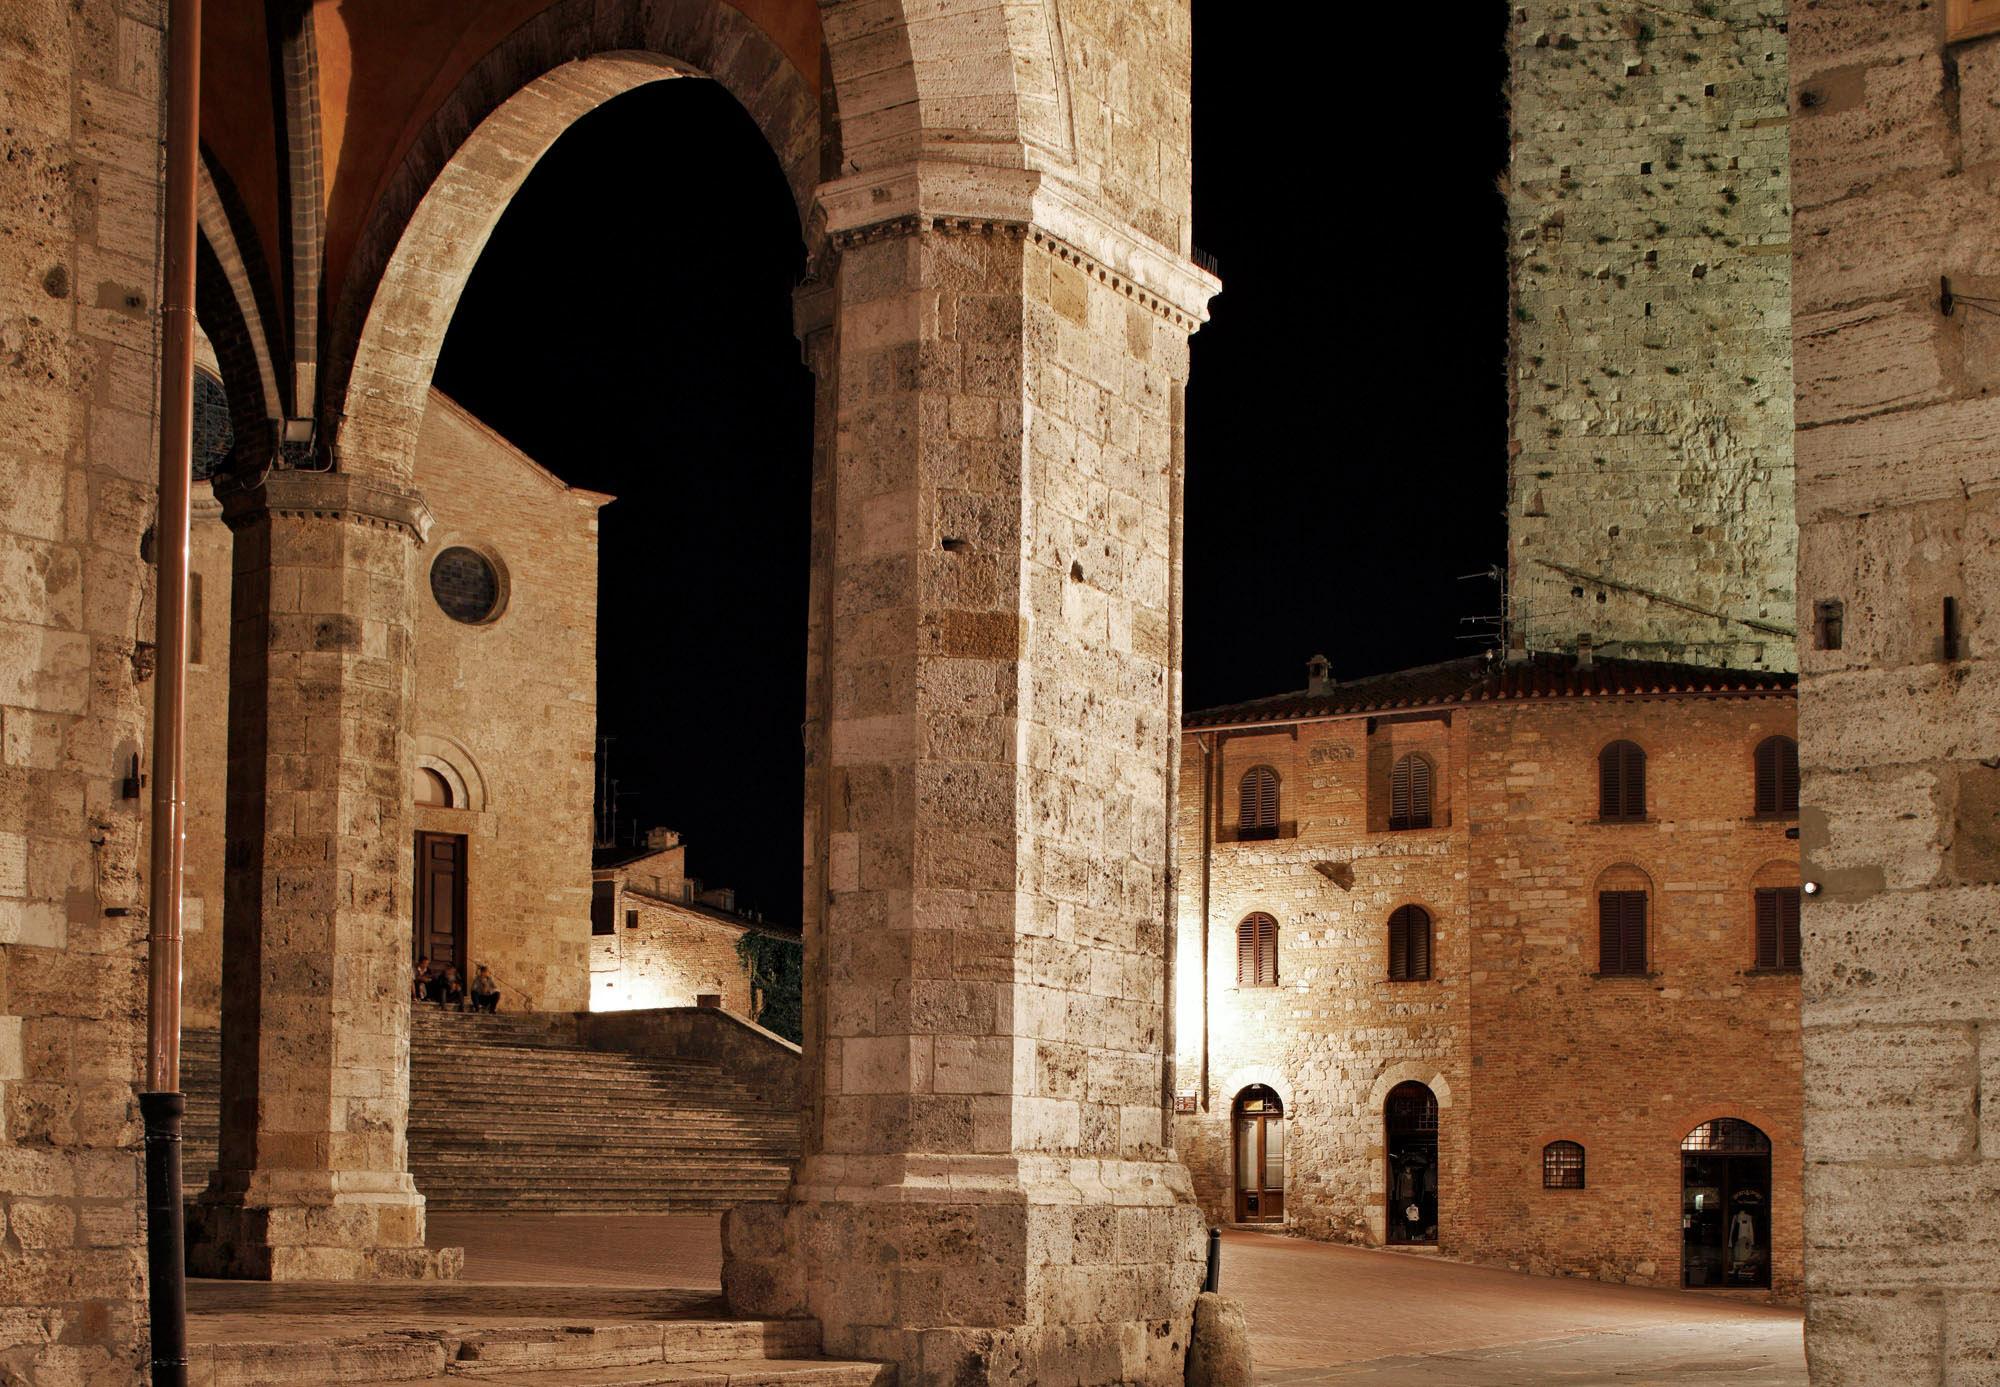 位于圣吉米尼亚诺历史中心的主教堂广场,是大教堂、市政厅、剧院和凉廊的所在地。- © Luca Capuano